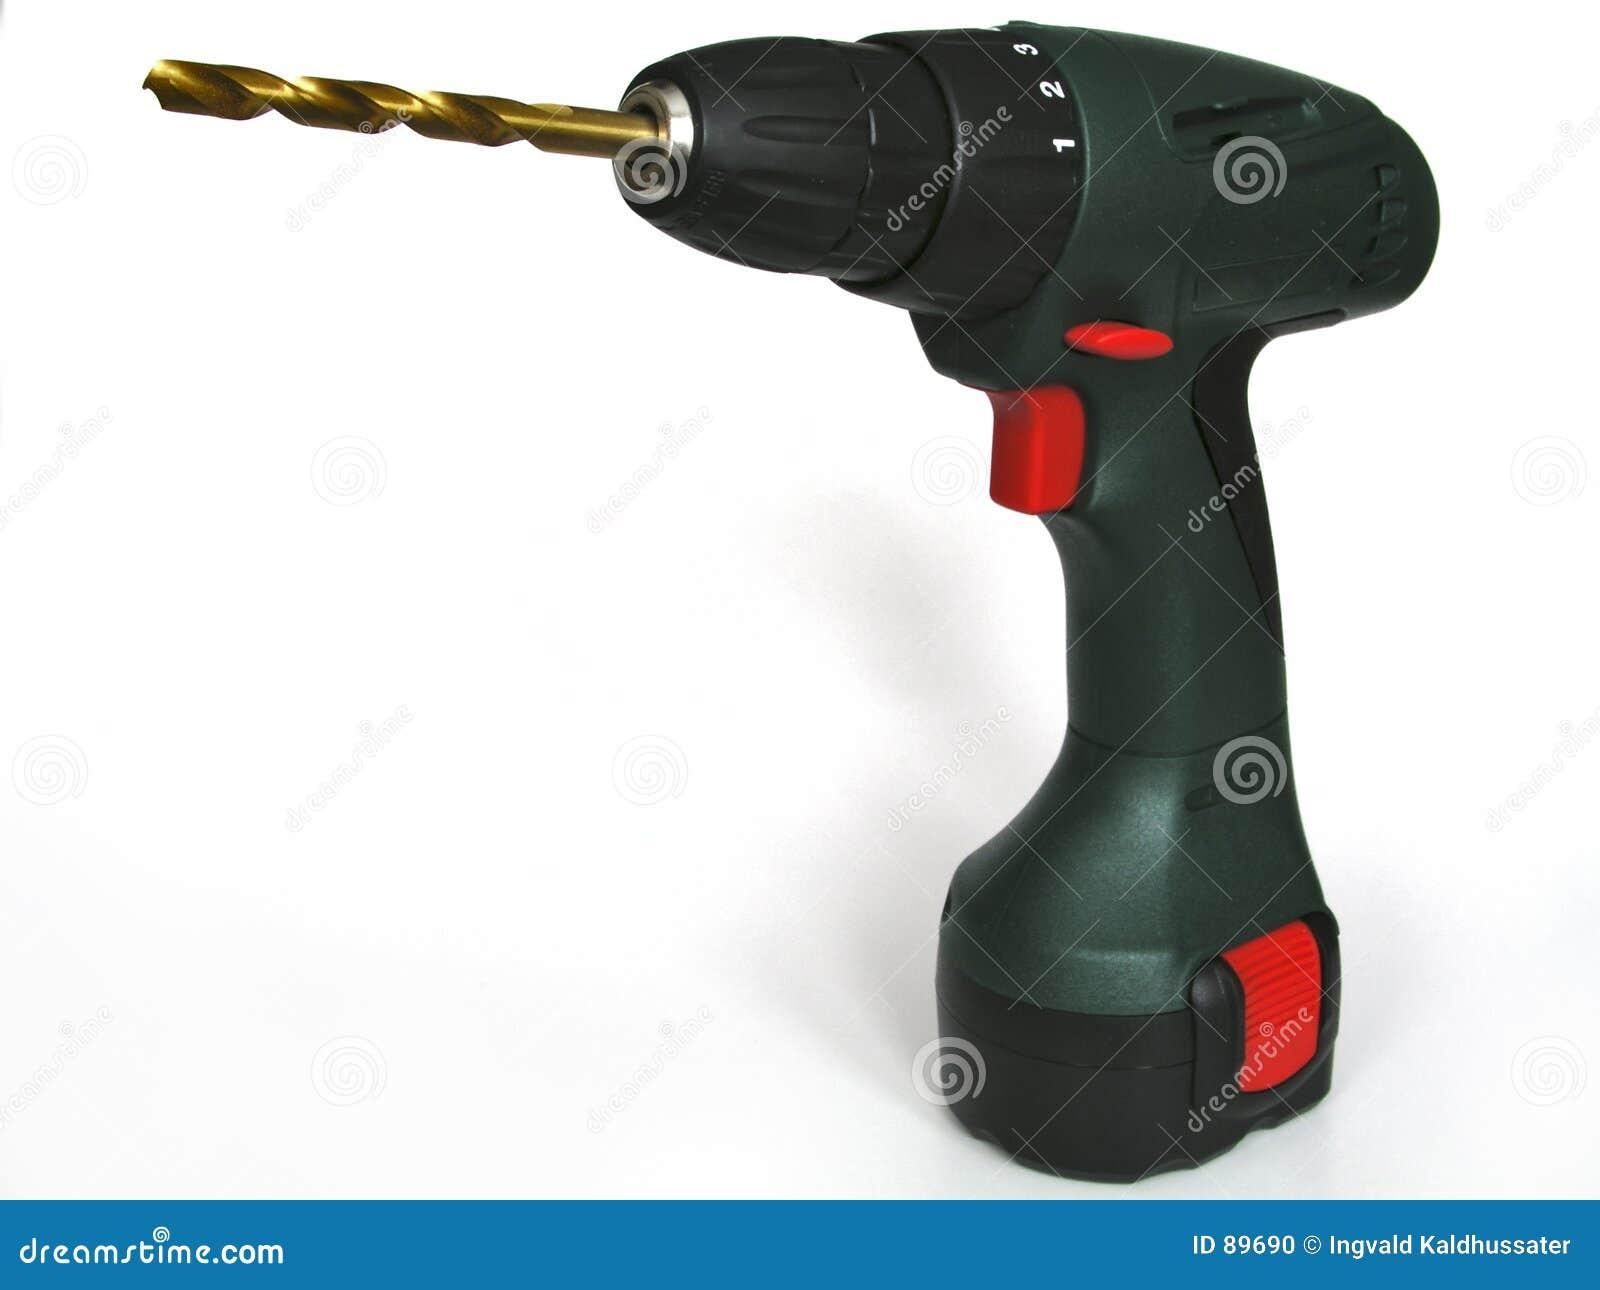 elektrische-boor-i-89690.jpg